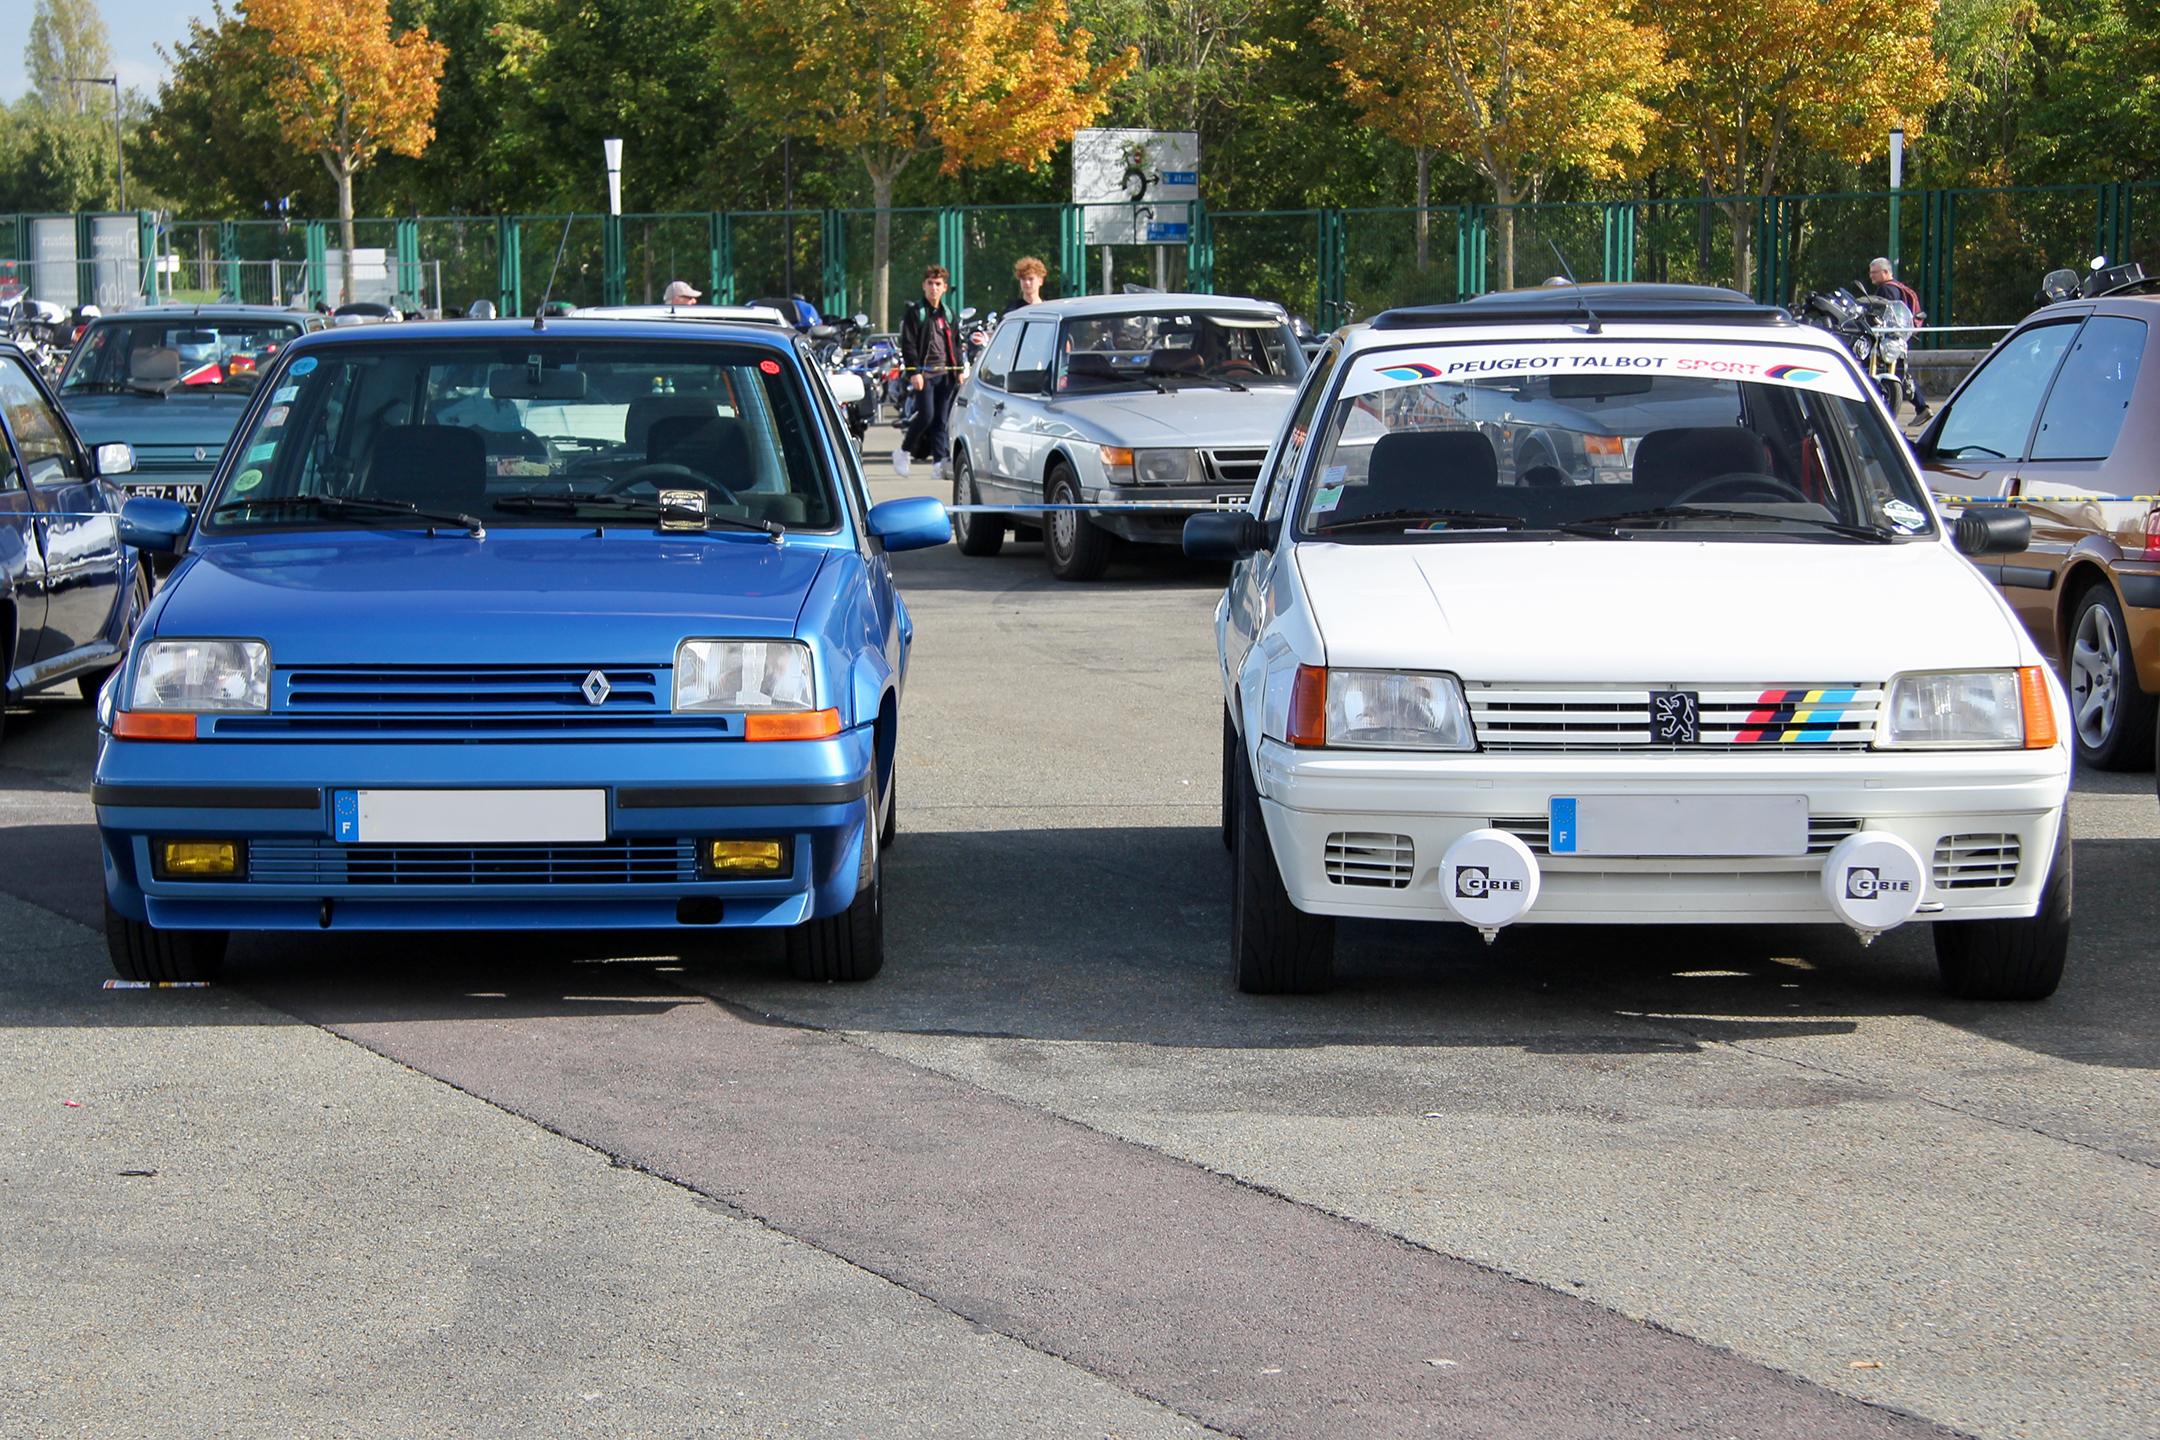 Renault Super5 GT Turbo - vs - Peugeot 205 Rallye livrée Peugeot Talbot Sport - parking - Automédon - 2019 - photo Ludo Ferrari